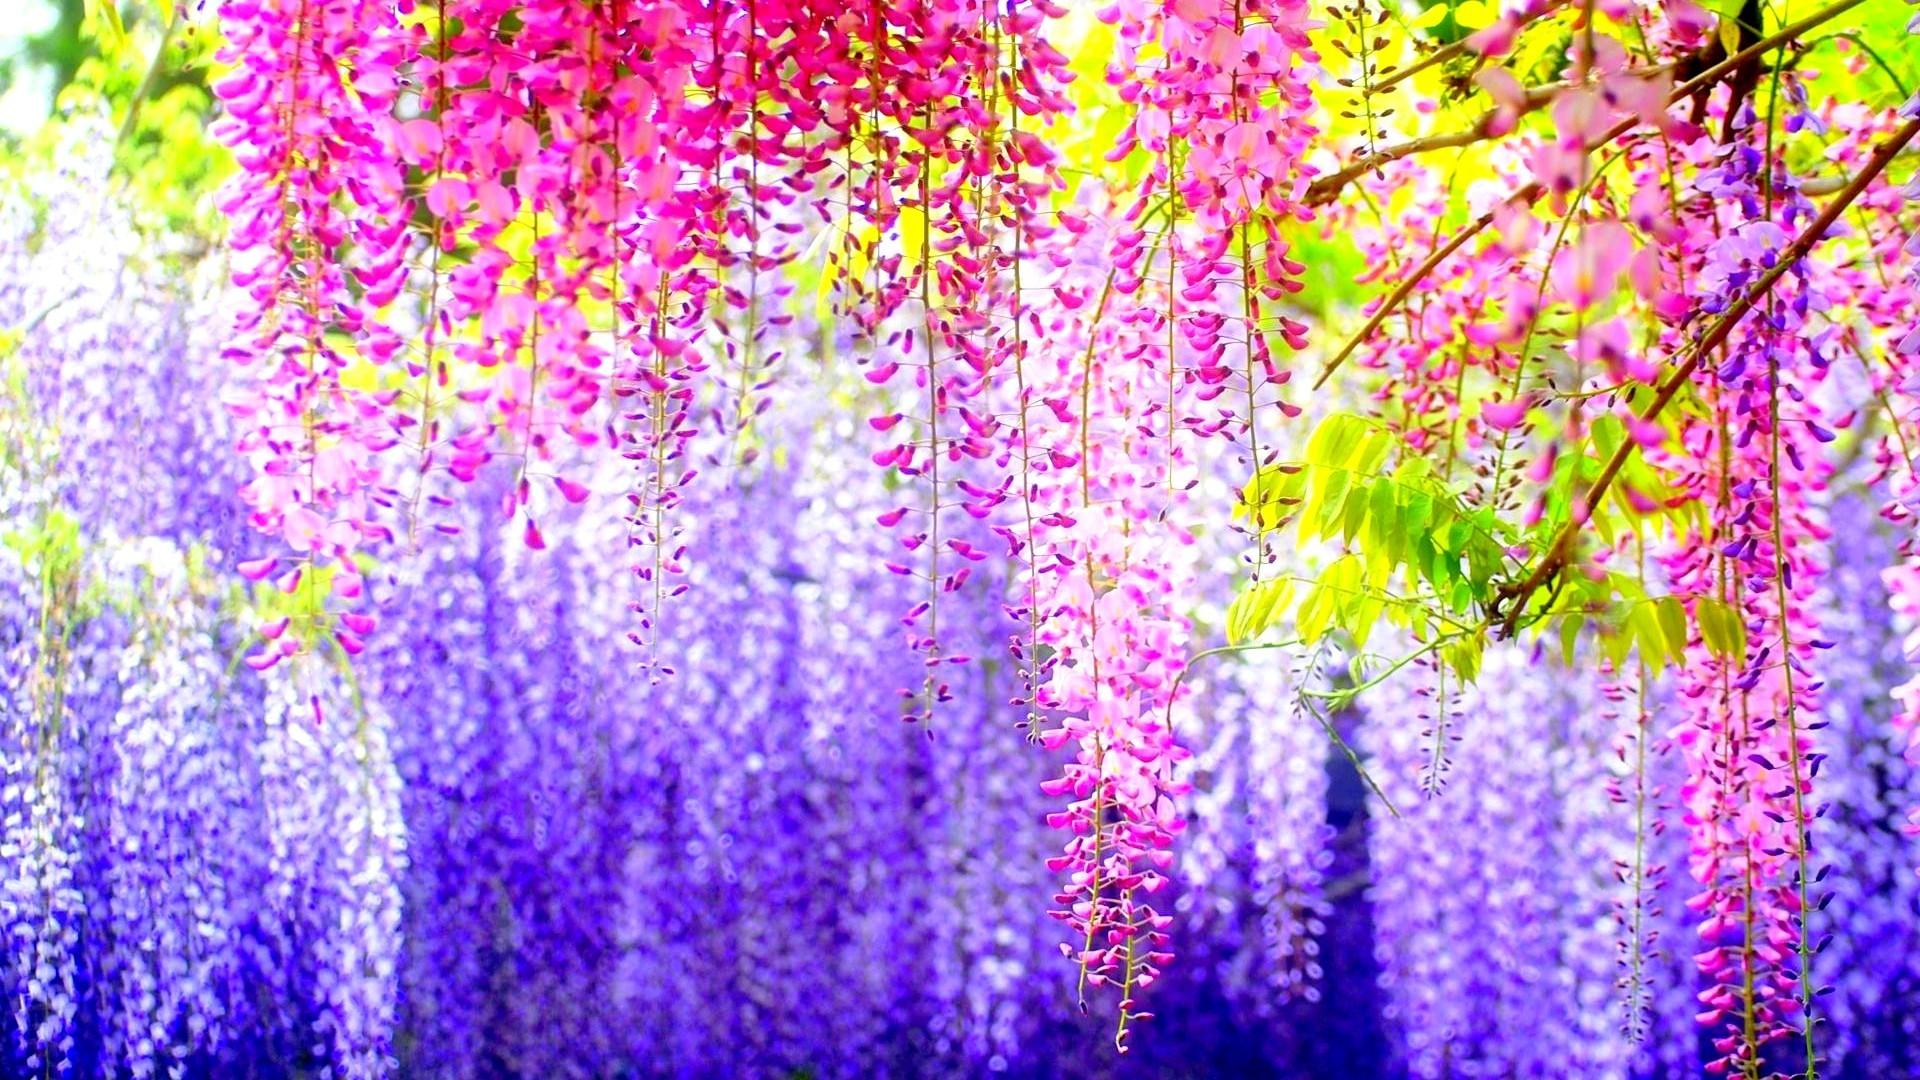 Flower Wallpaper 301 Free Desktop